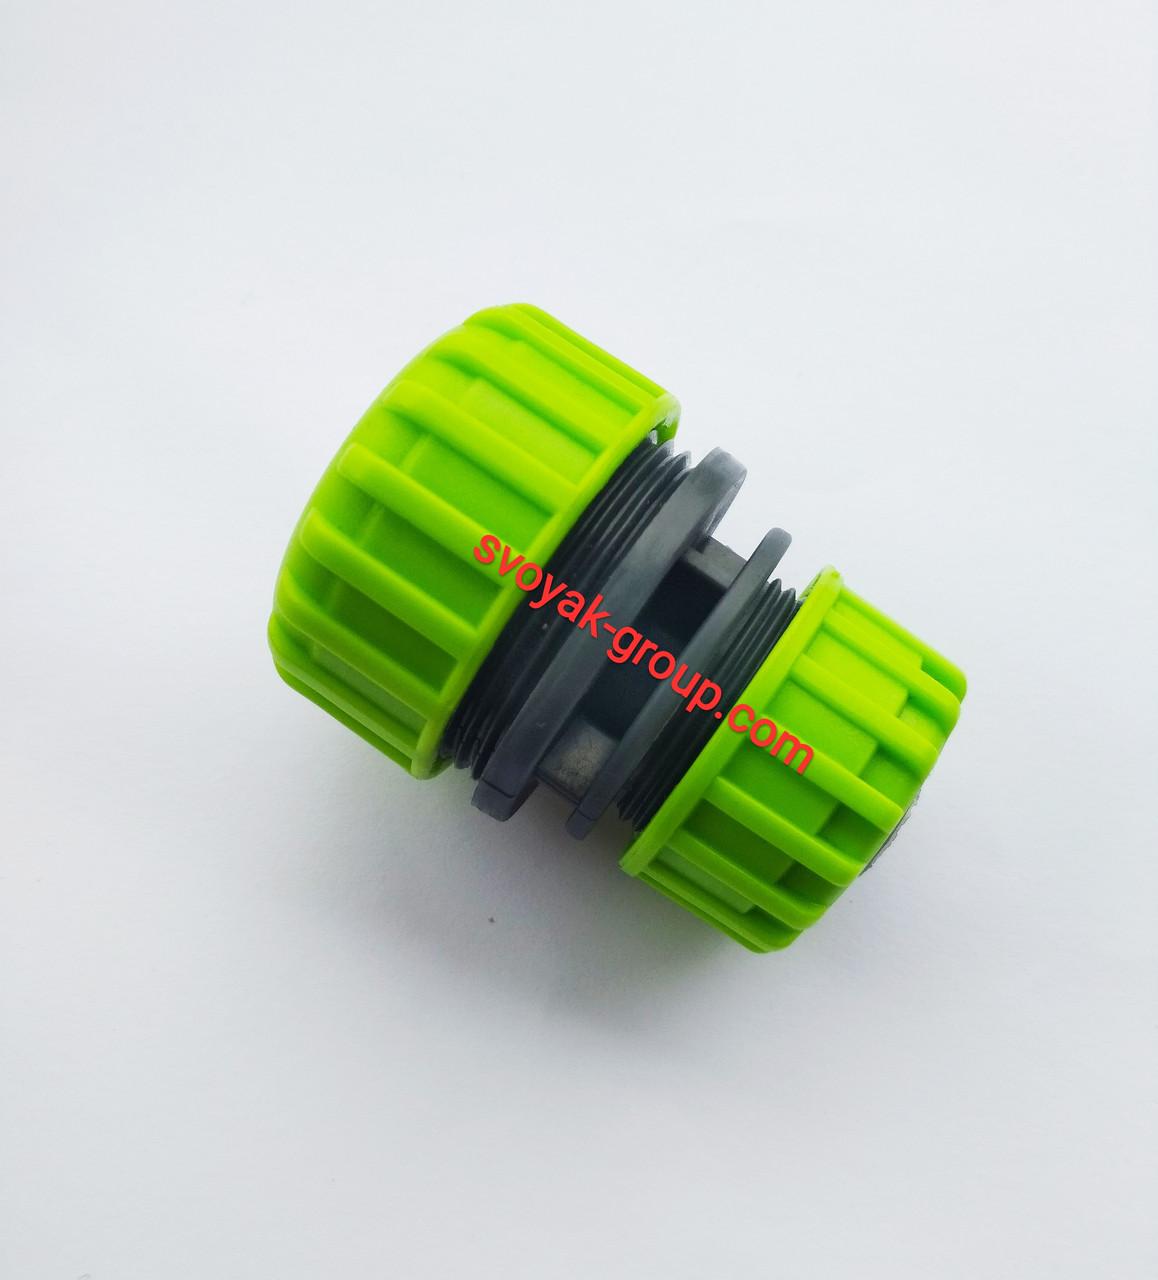 """Соединение для шланга 1/2"""" - 3/4"""" дюйма """"Presto PS"""" - 5708 (orange, green)."""